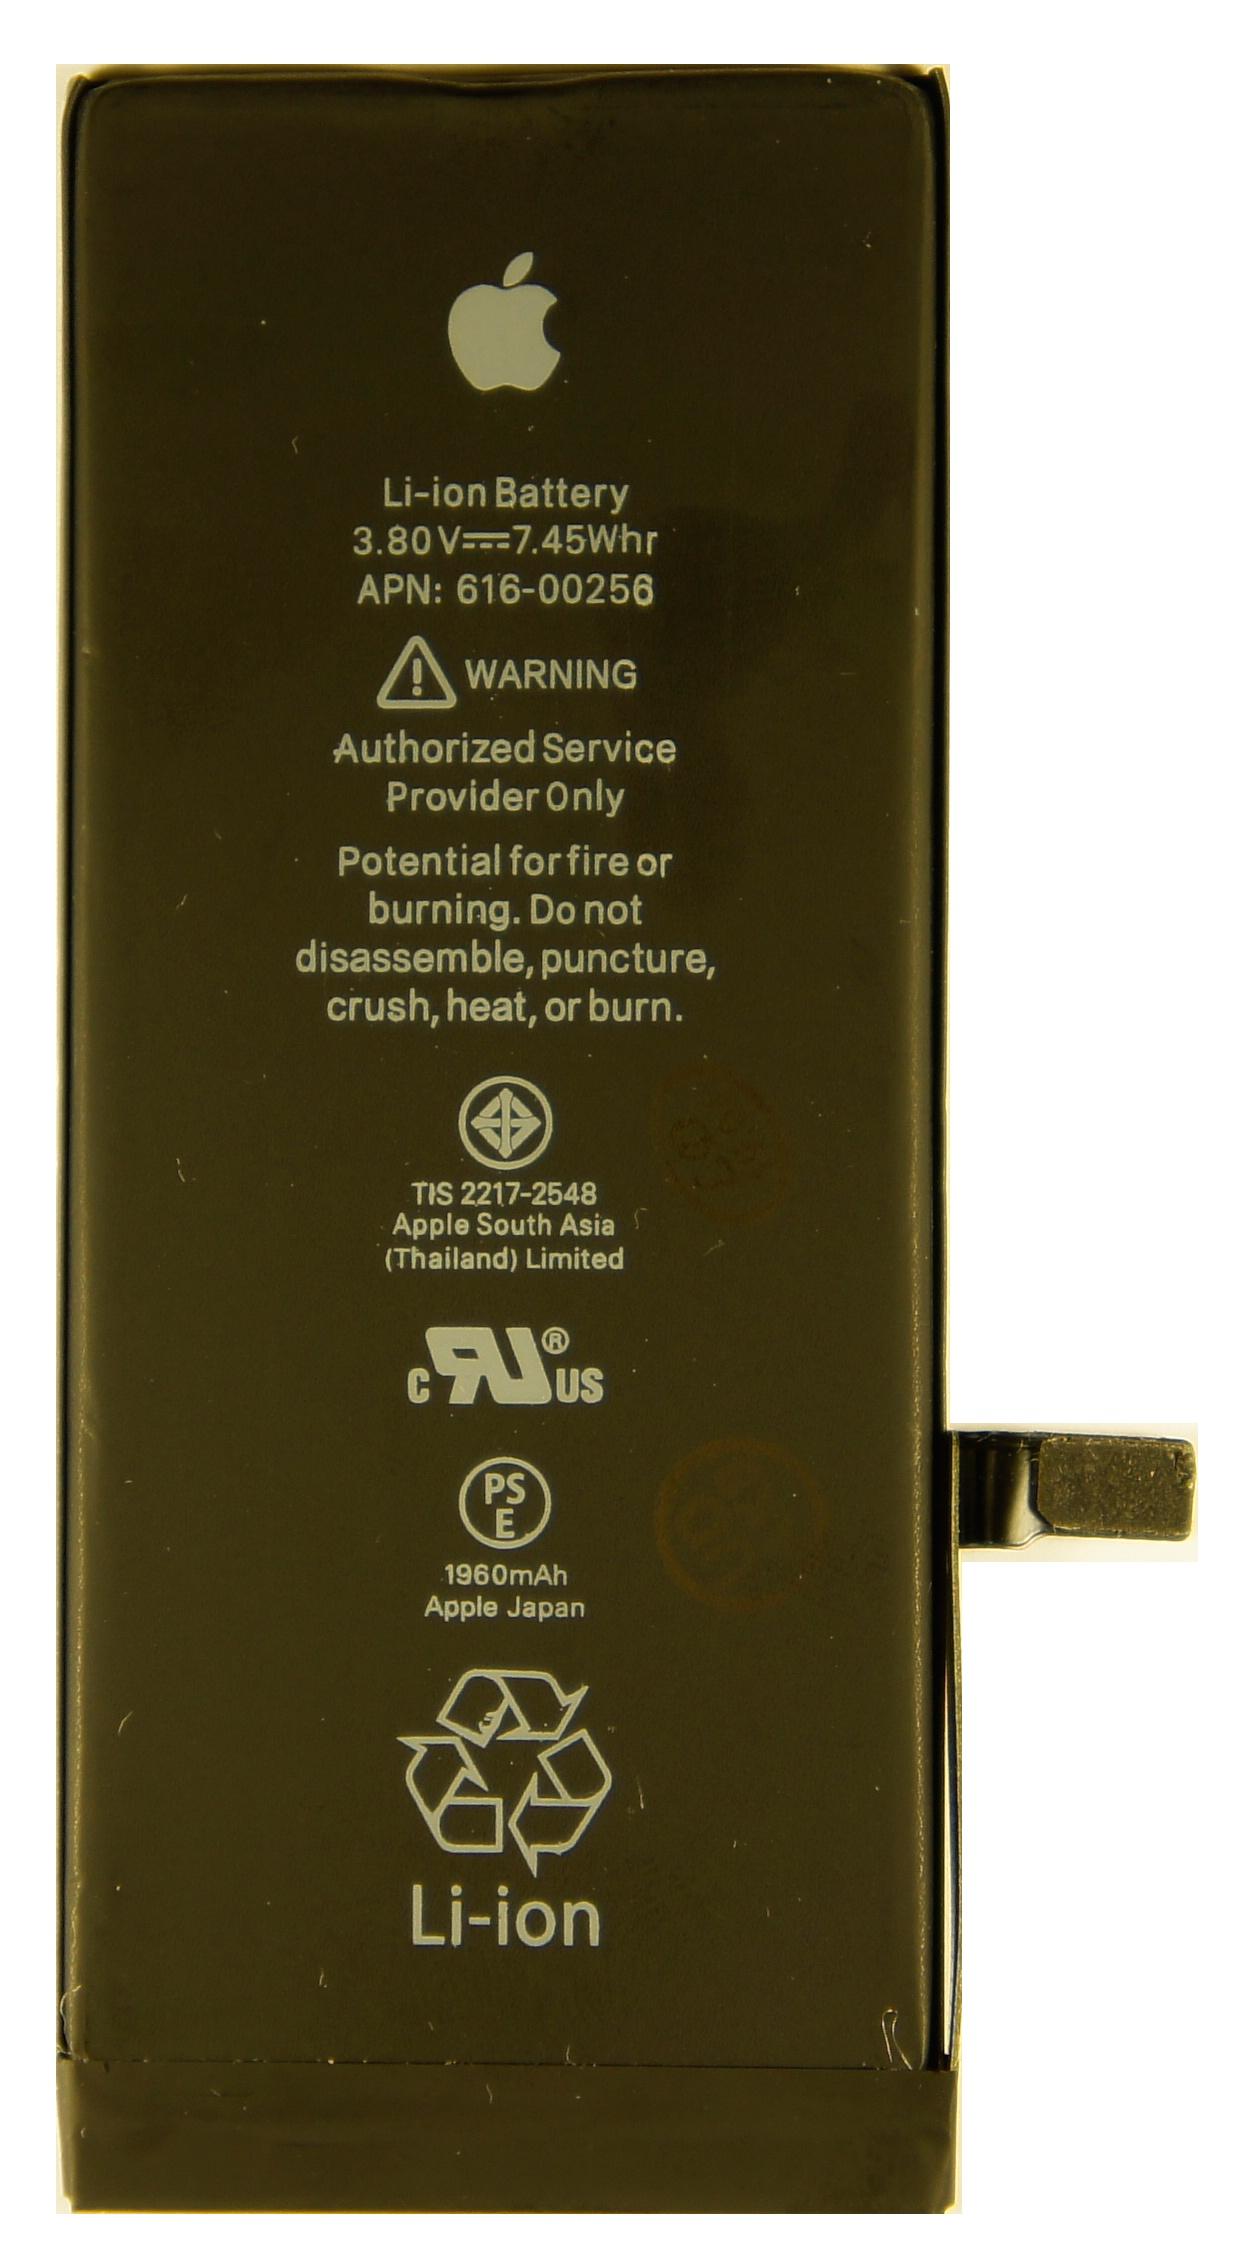 Аккумулятор для телефона Apple iPhone 7 (616-00256) 1960mAh аккумулятор для телефона craftmann для apple iphone 7 616 00259